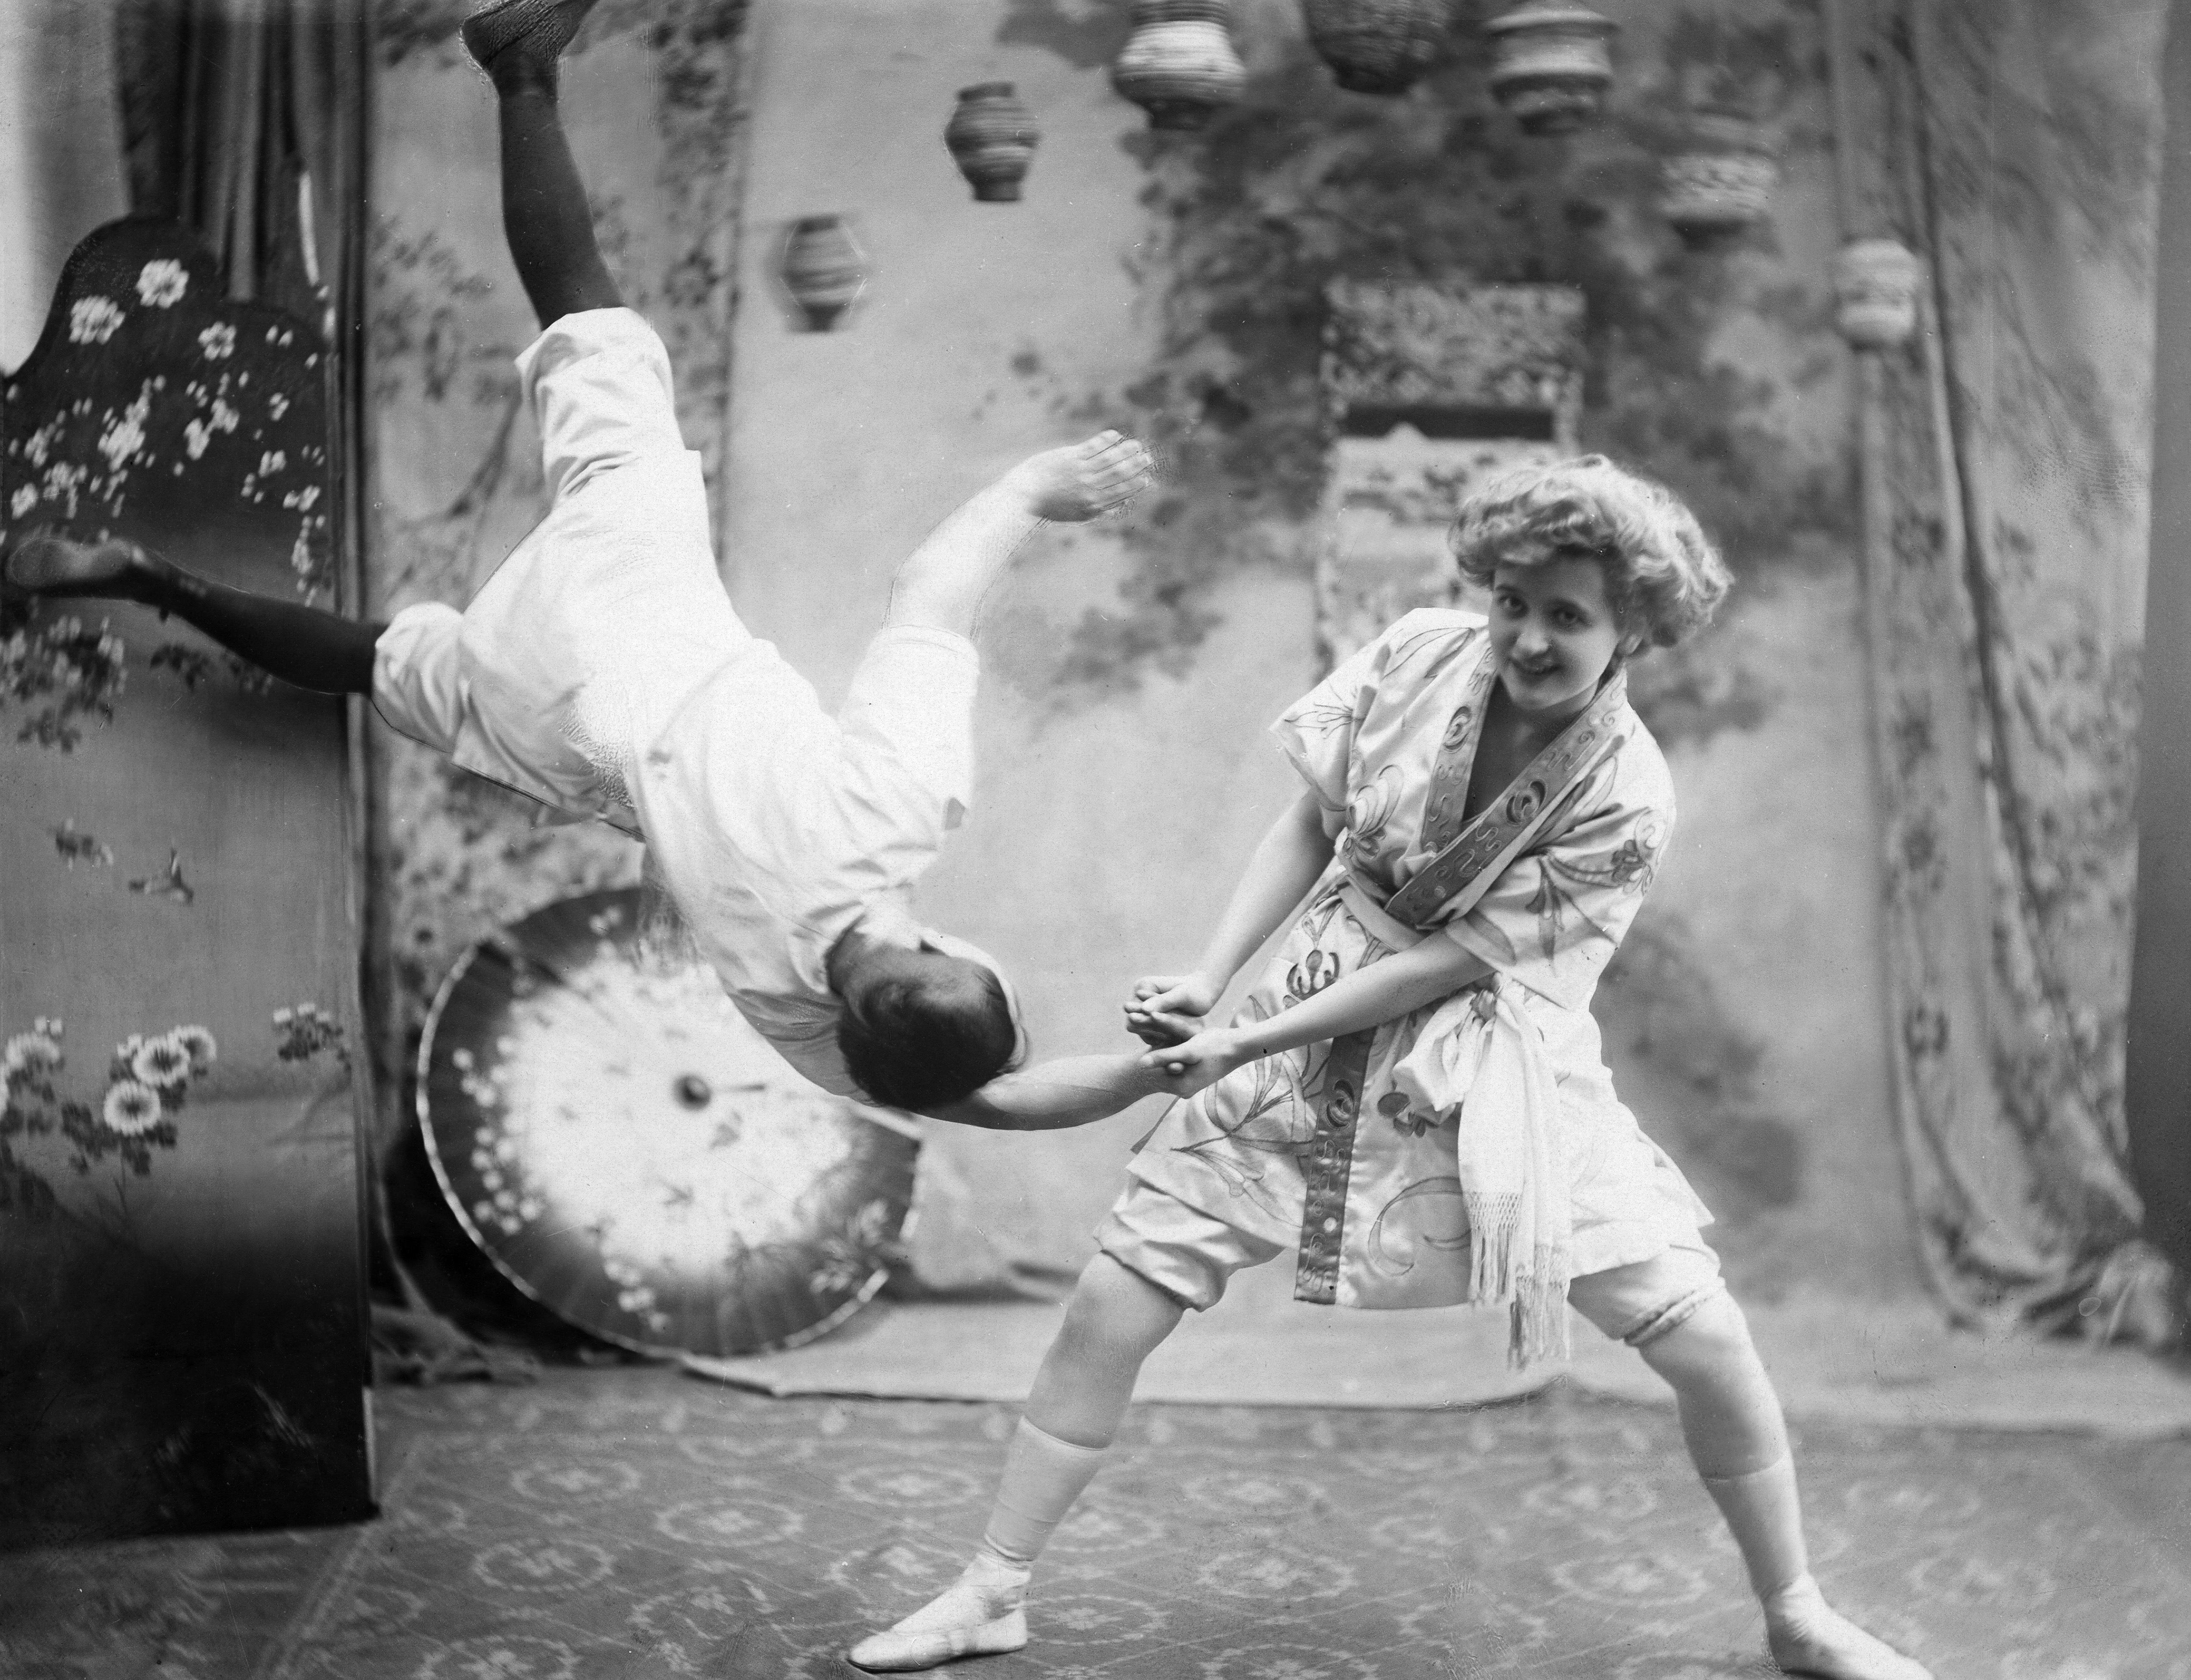 Deslys, Gaby - Dancer, Singer, Actress, France*04.09.1881-11.02.1920+- a vaudeville performance, dancing pose of juijitsu - Photographer: Bassano- Published by: 'Berliner Illustrirte Zeitung' 15/1907Vintage property of ullstein bild